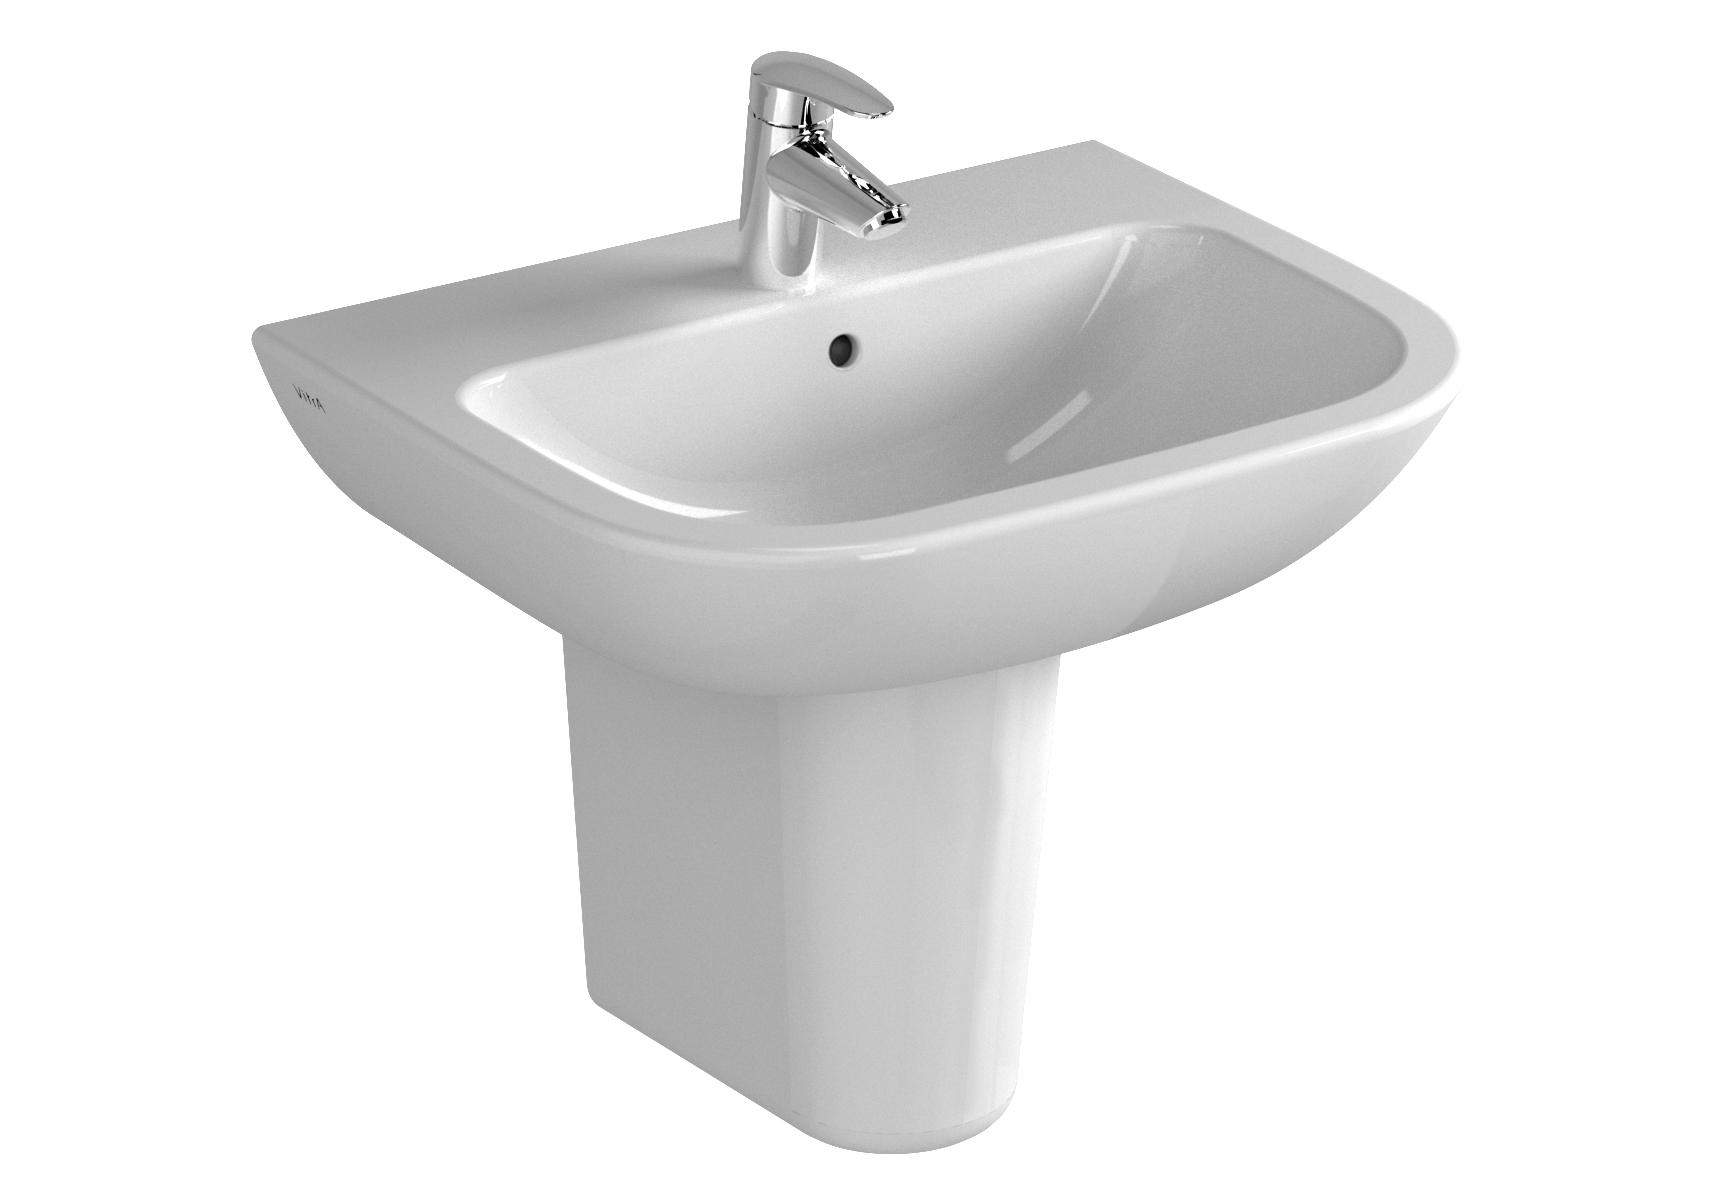 S20 Waschtisch, 55 cm, ohne Hahnloch, ohne Überlaufloch, Weiß